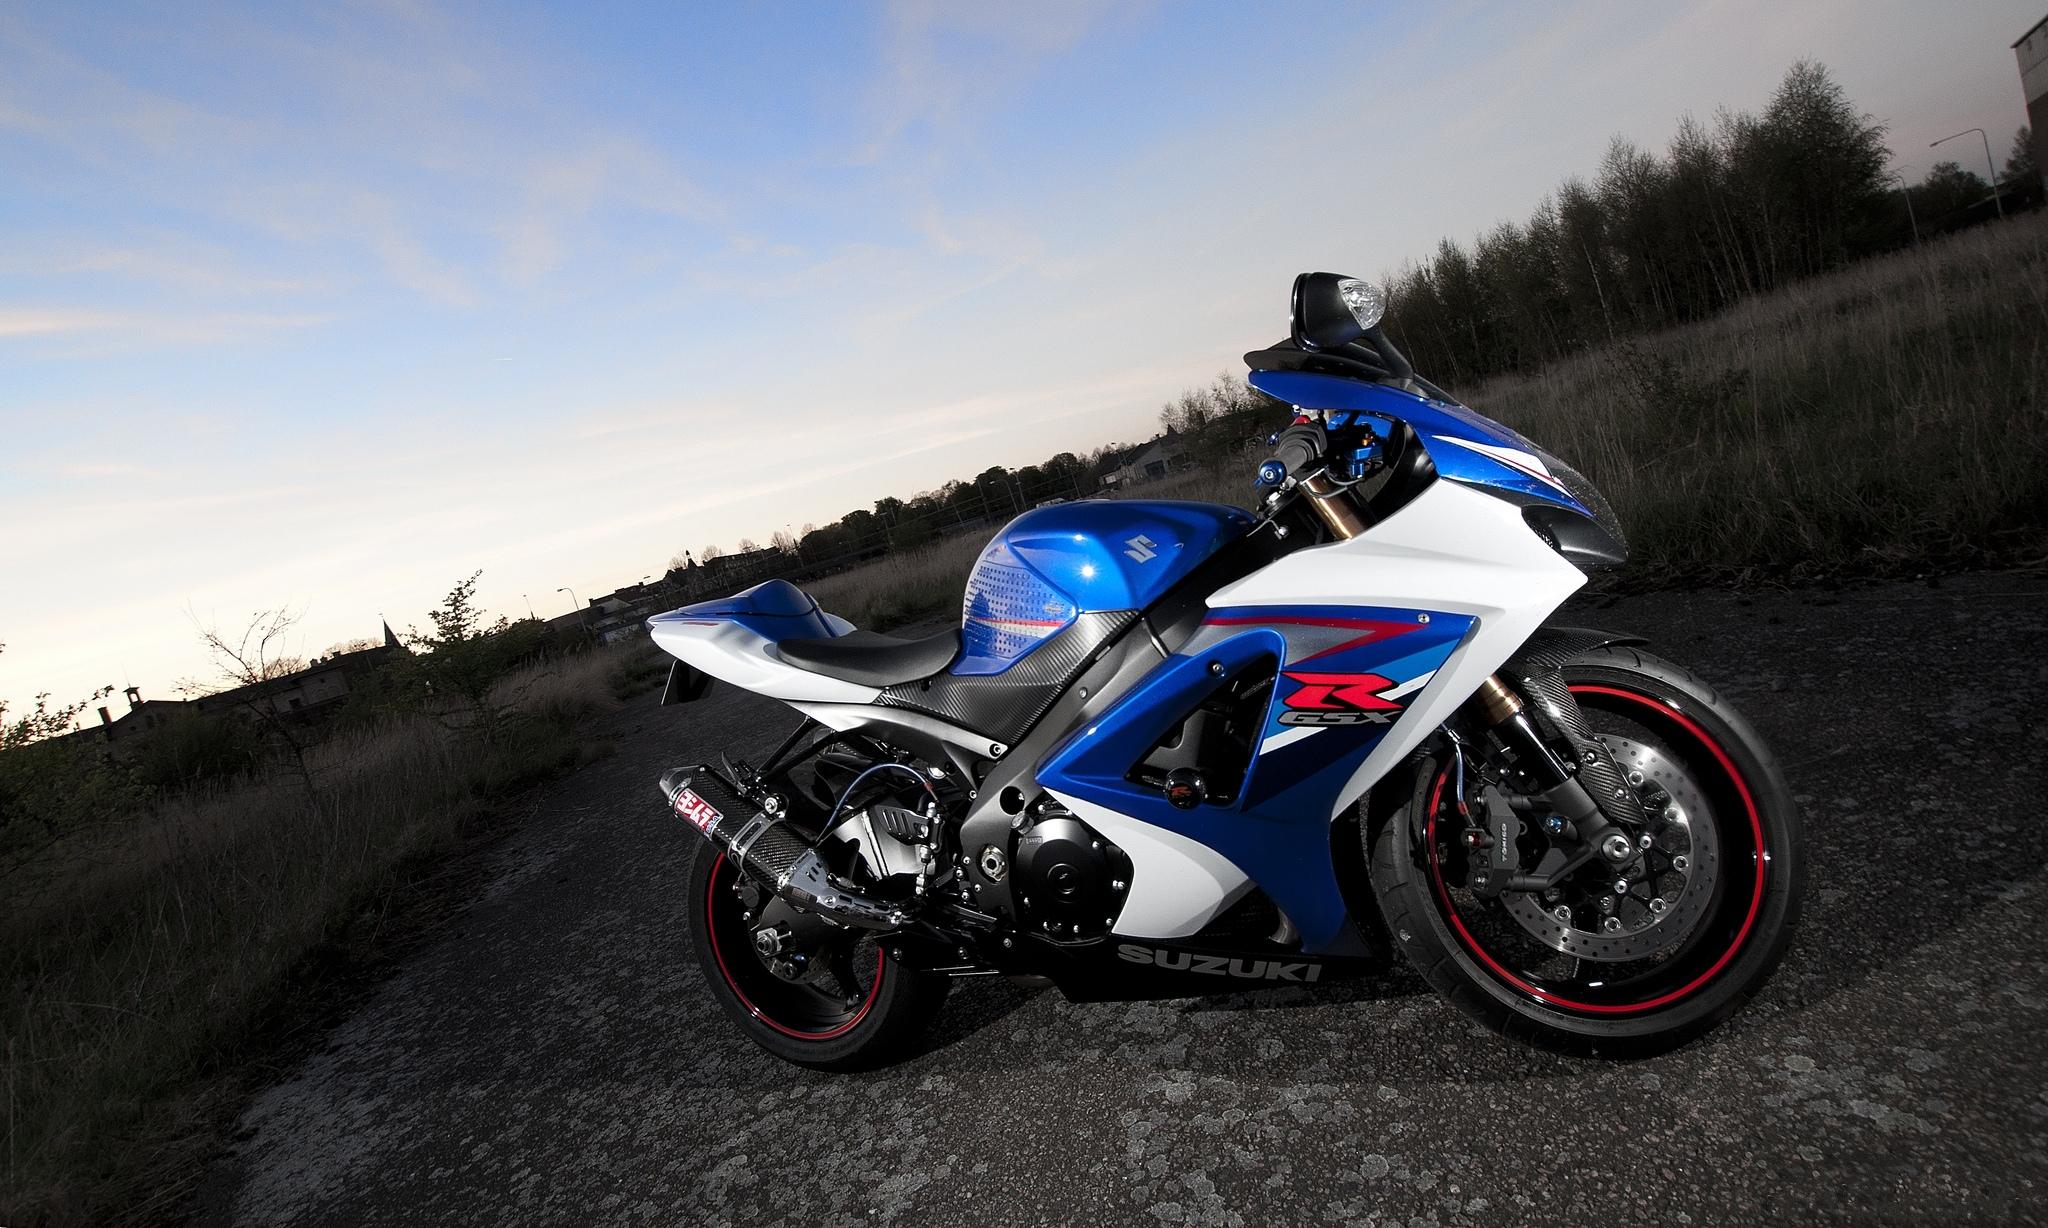 壁紙 48x1228 スズキバイク Gsx R1000 オートバイ ダウンロード 写真